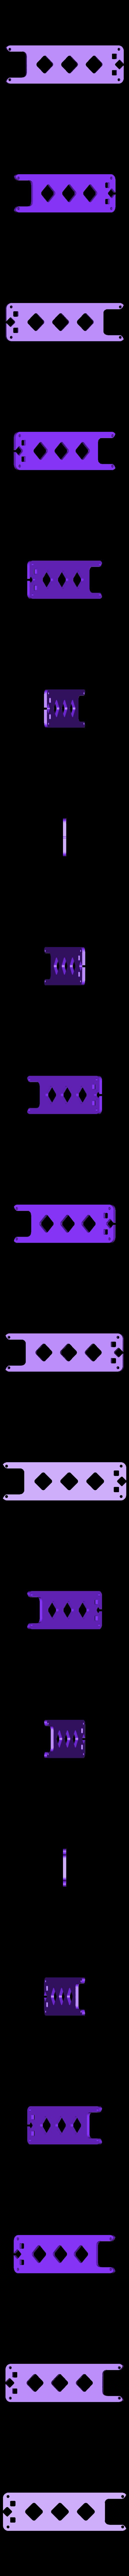 """frame_HD_v0-7_top.stl Télécharger fichier STL gratuit Cinelad 3"""" - Cadre HD compact et léger • Modèle à imprimer en 3D, Gophy"""